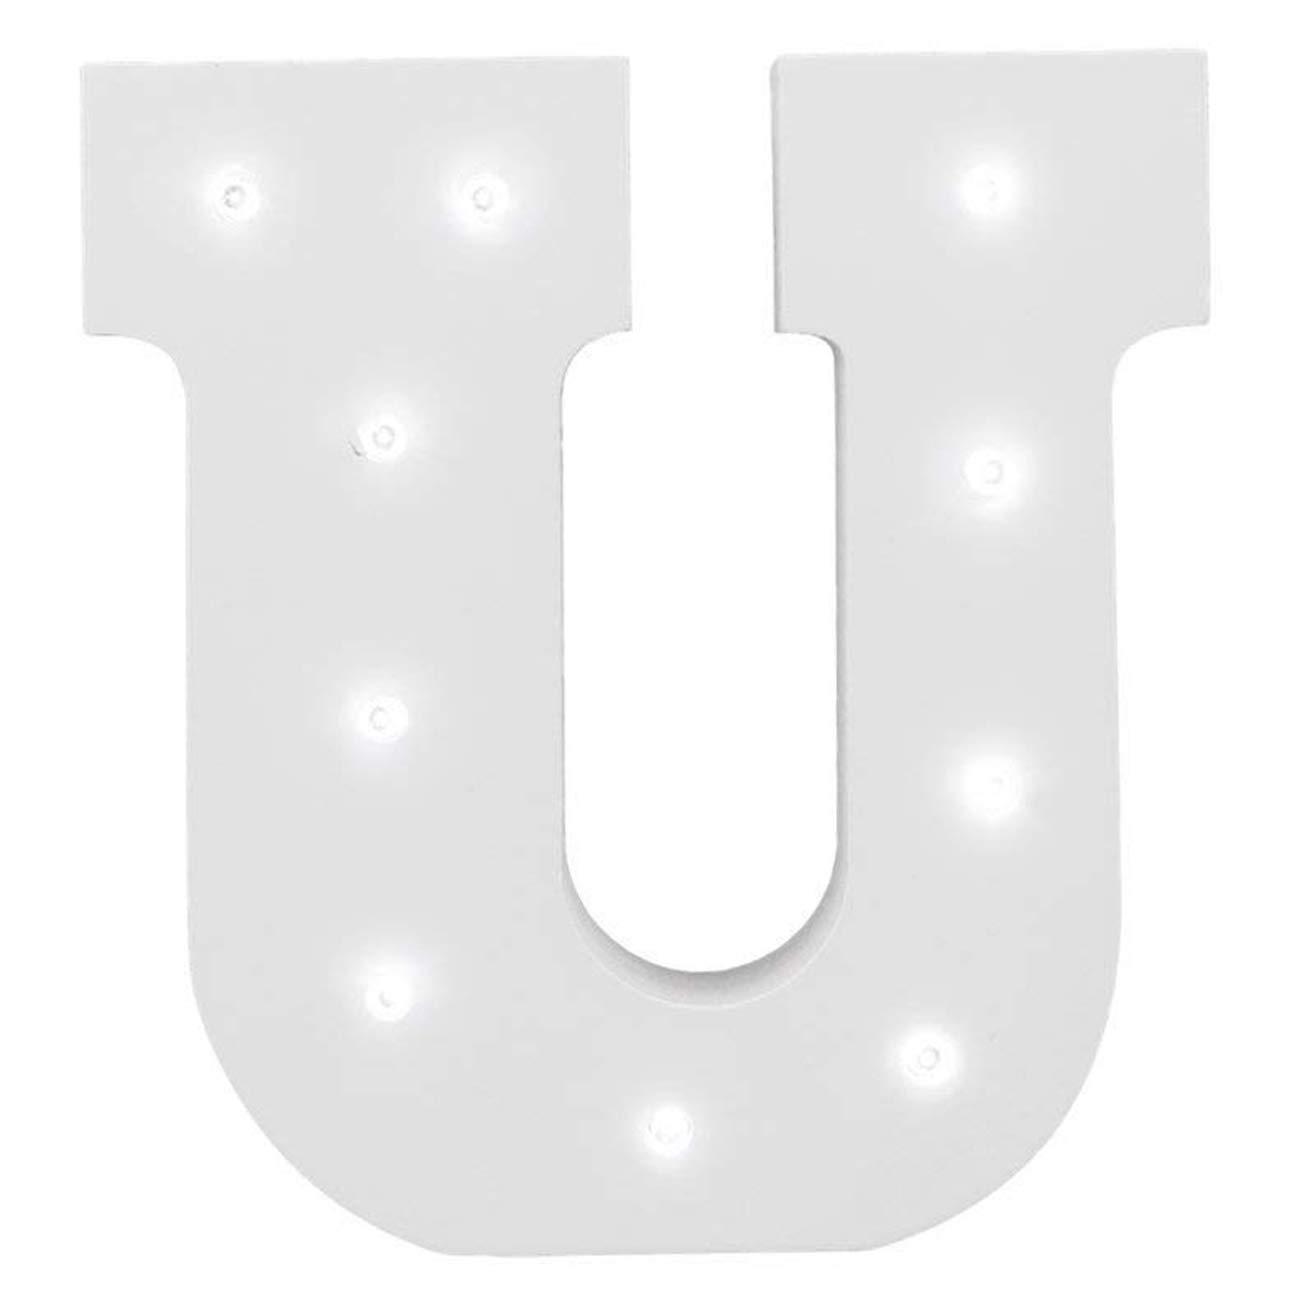 K wei/ß Dekorative leuchtende Buchstaben,KINGCOO Lampe batteriebetrieben h/ölzerne Alphabet uchstaben Zeichen Lichter,Party Hochzeit Dekorationen,Dein Name in Lichter